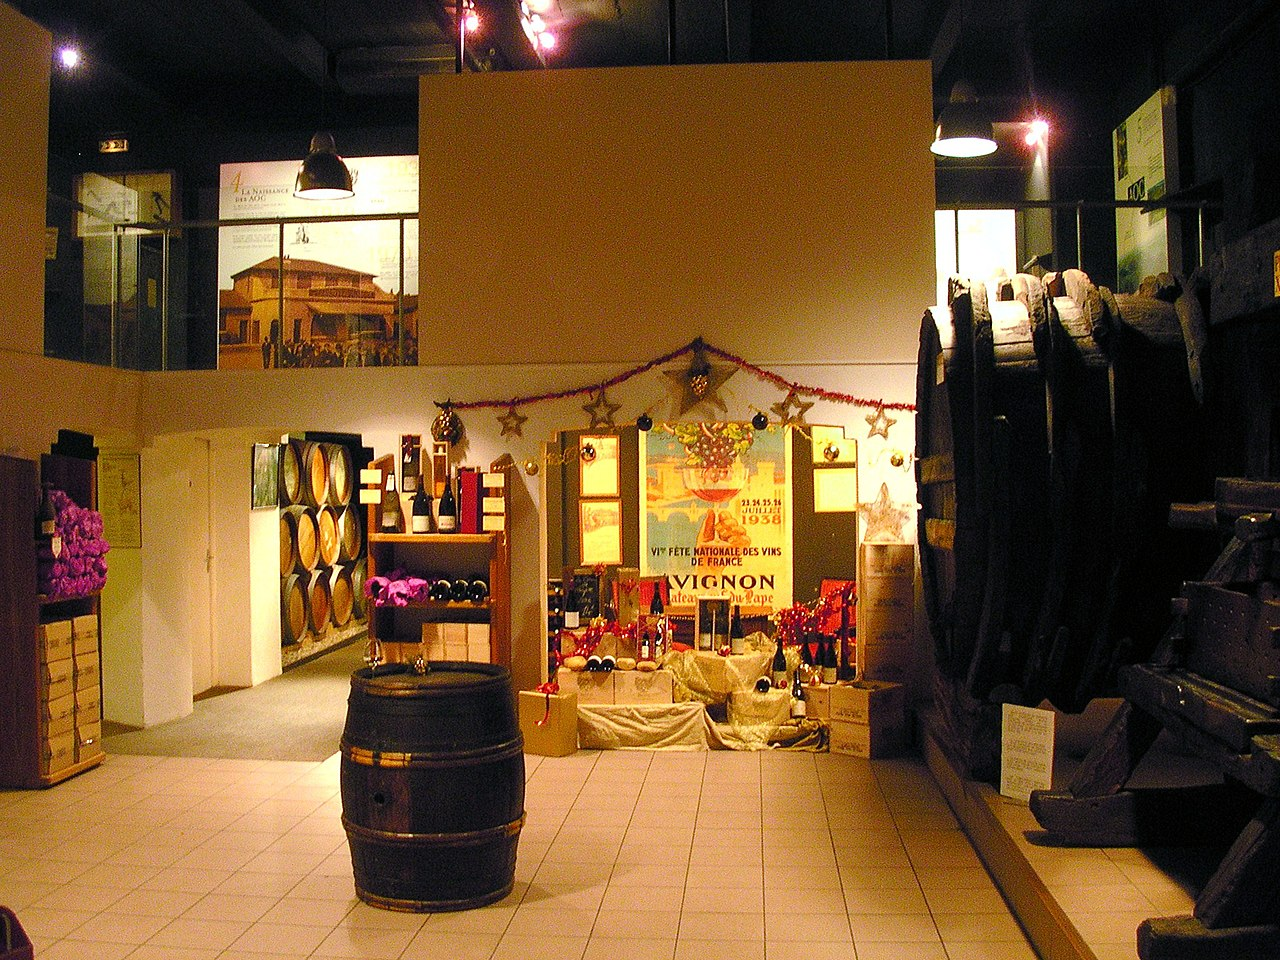 Deco Tonneau De Vin file:musée du vin brotte à châteauneuf-du-pape avec son